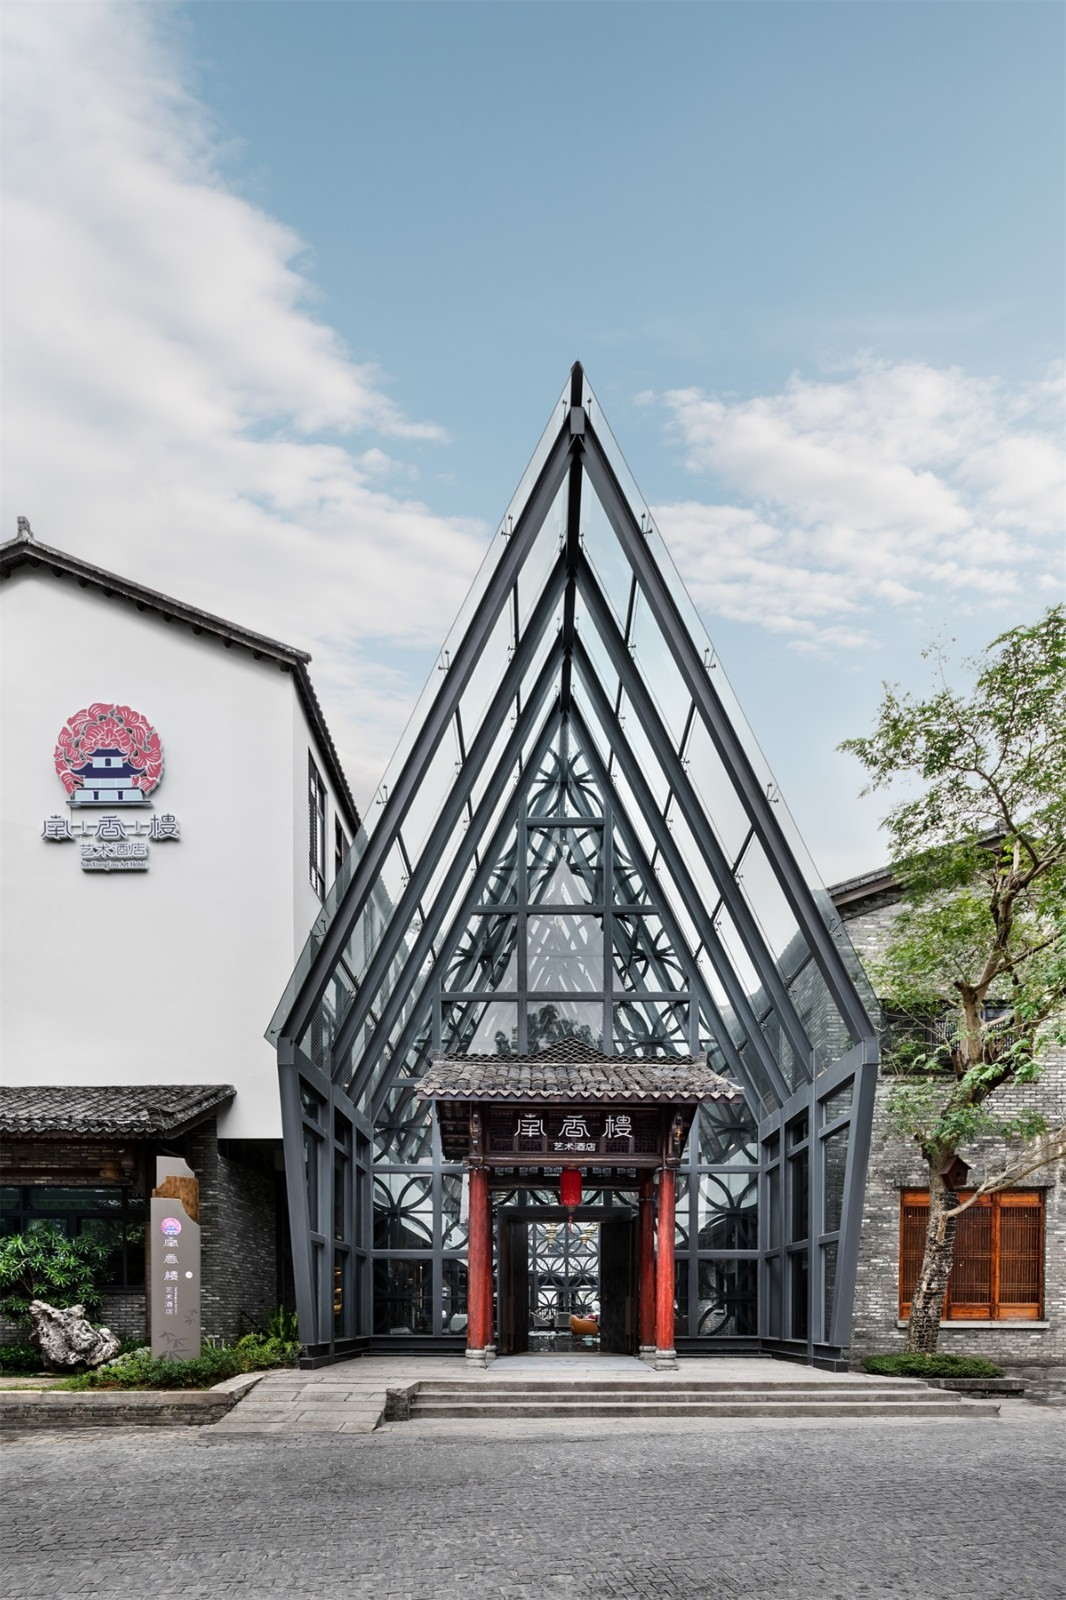 深圳甘坑小镇南香楼艺术酒店设计/贝森豪斯设计